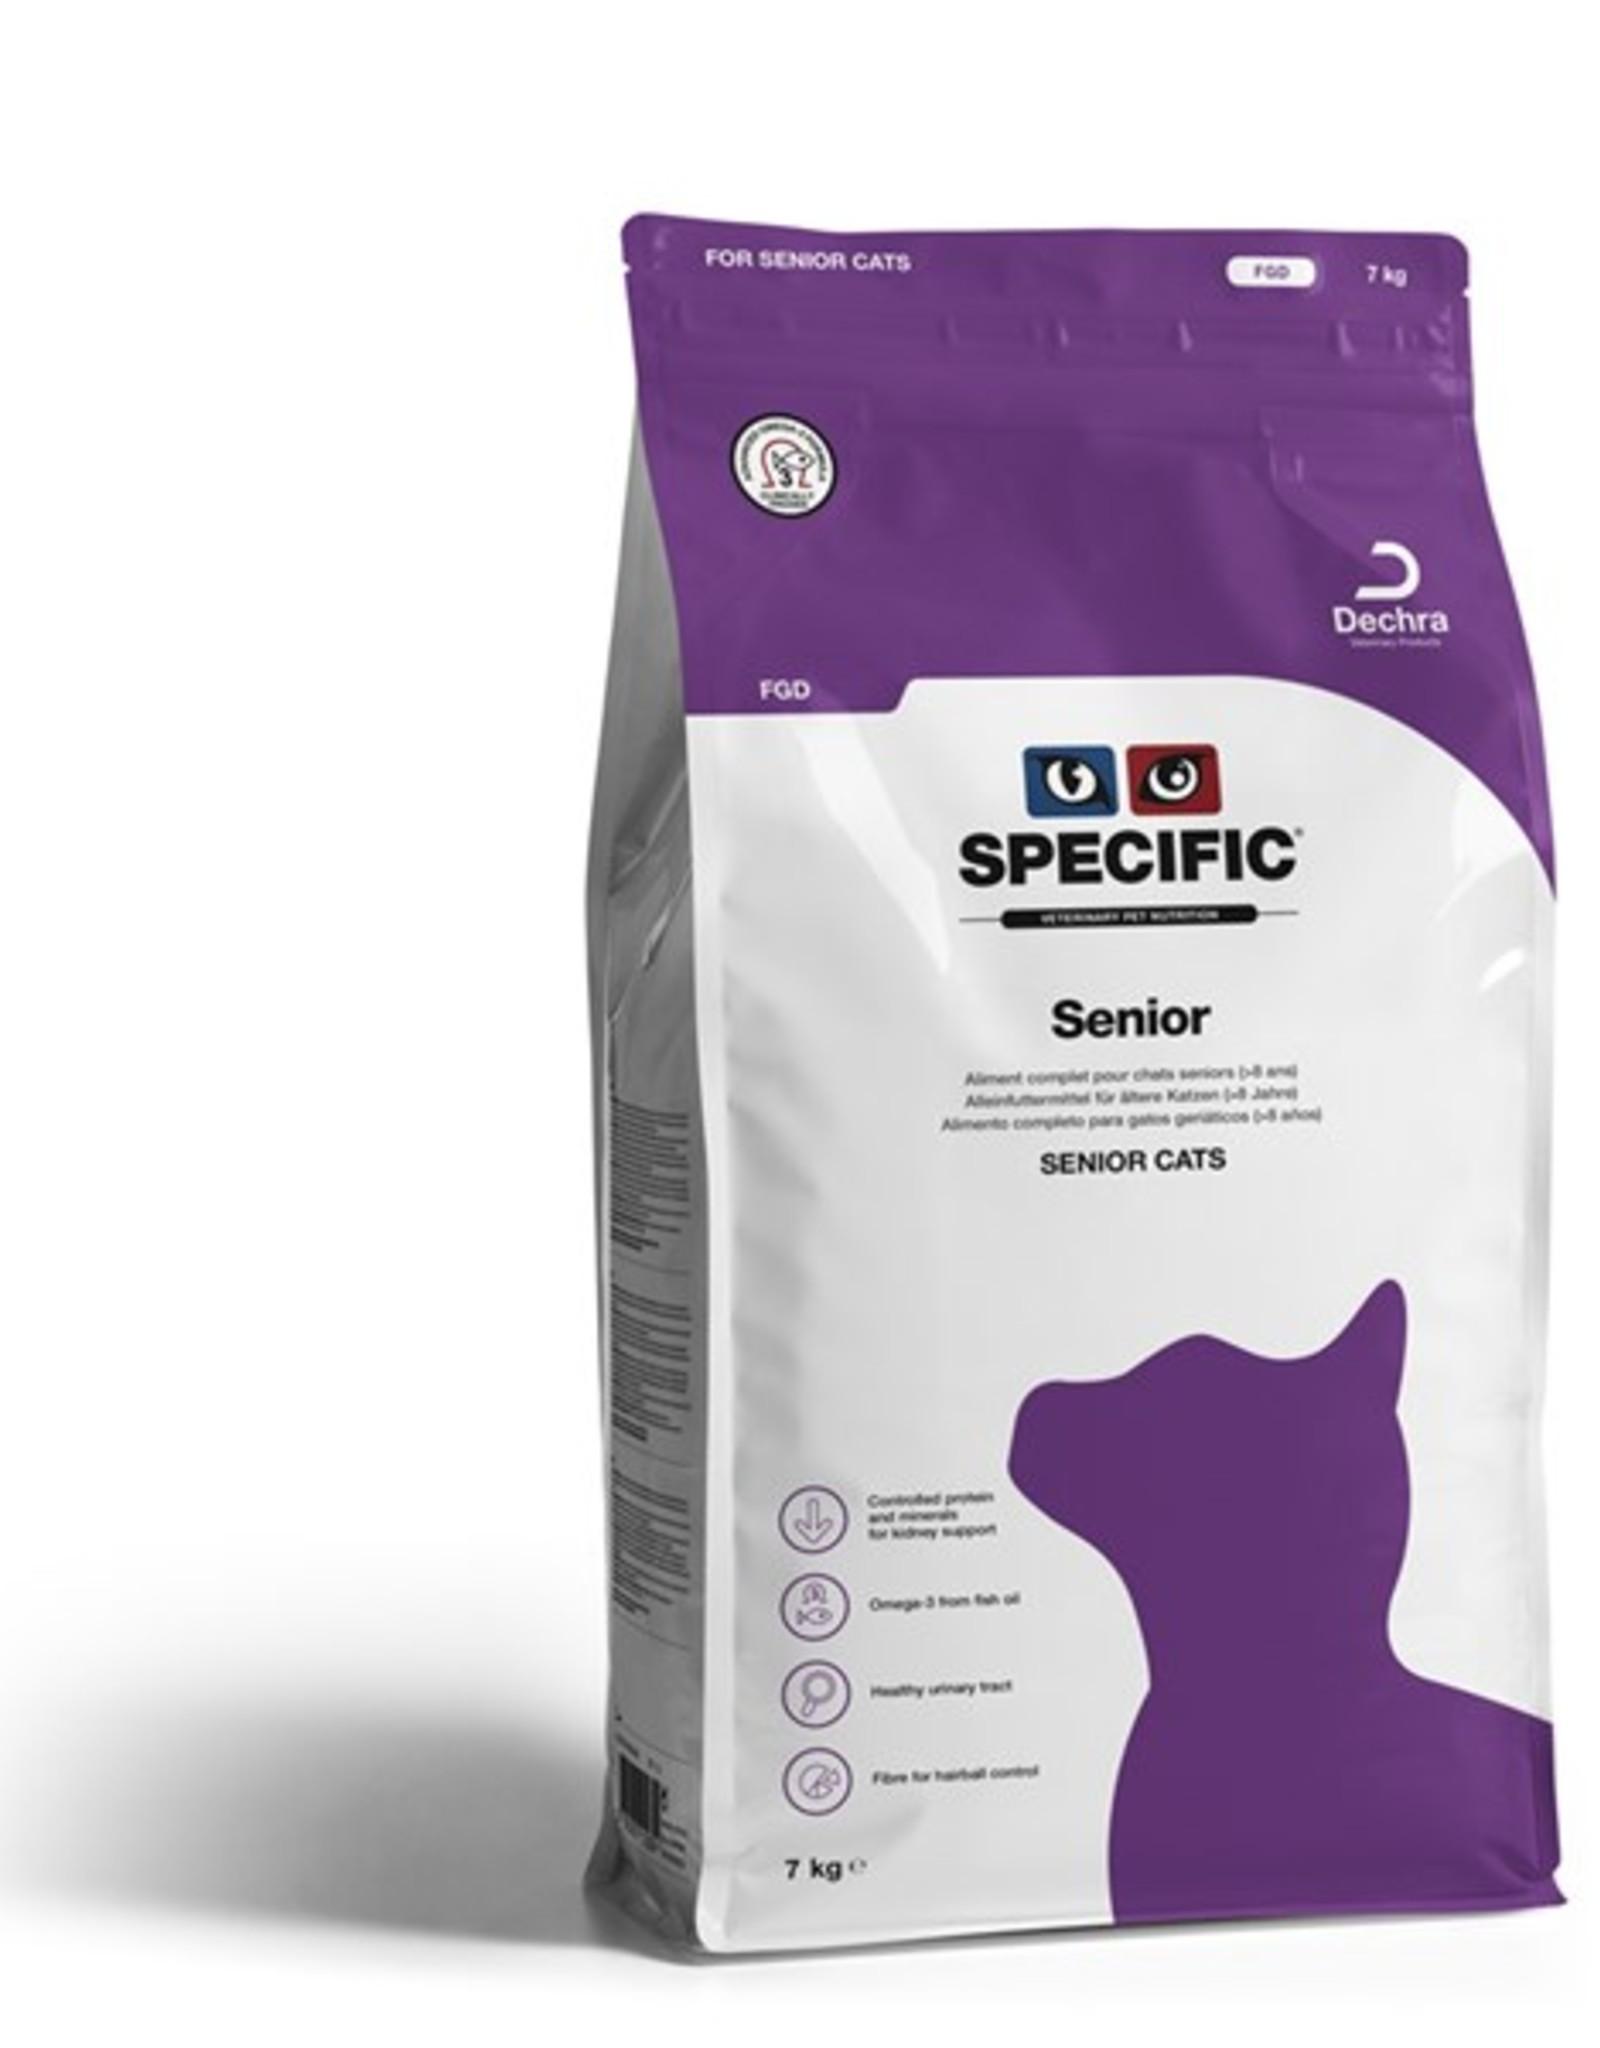 Specific Specific Fgd Senior Cat 7kg